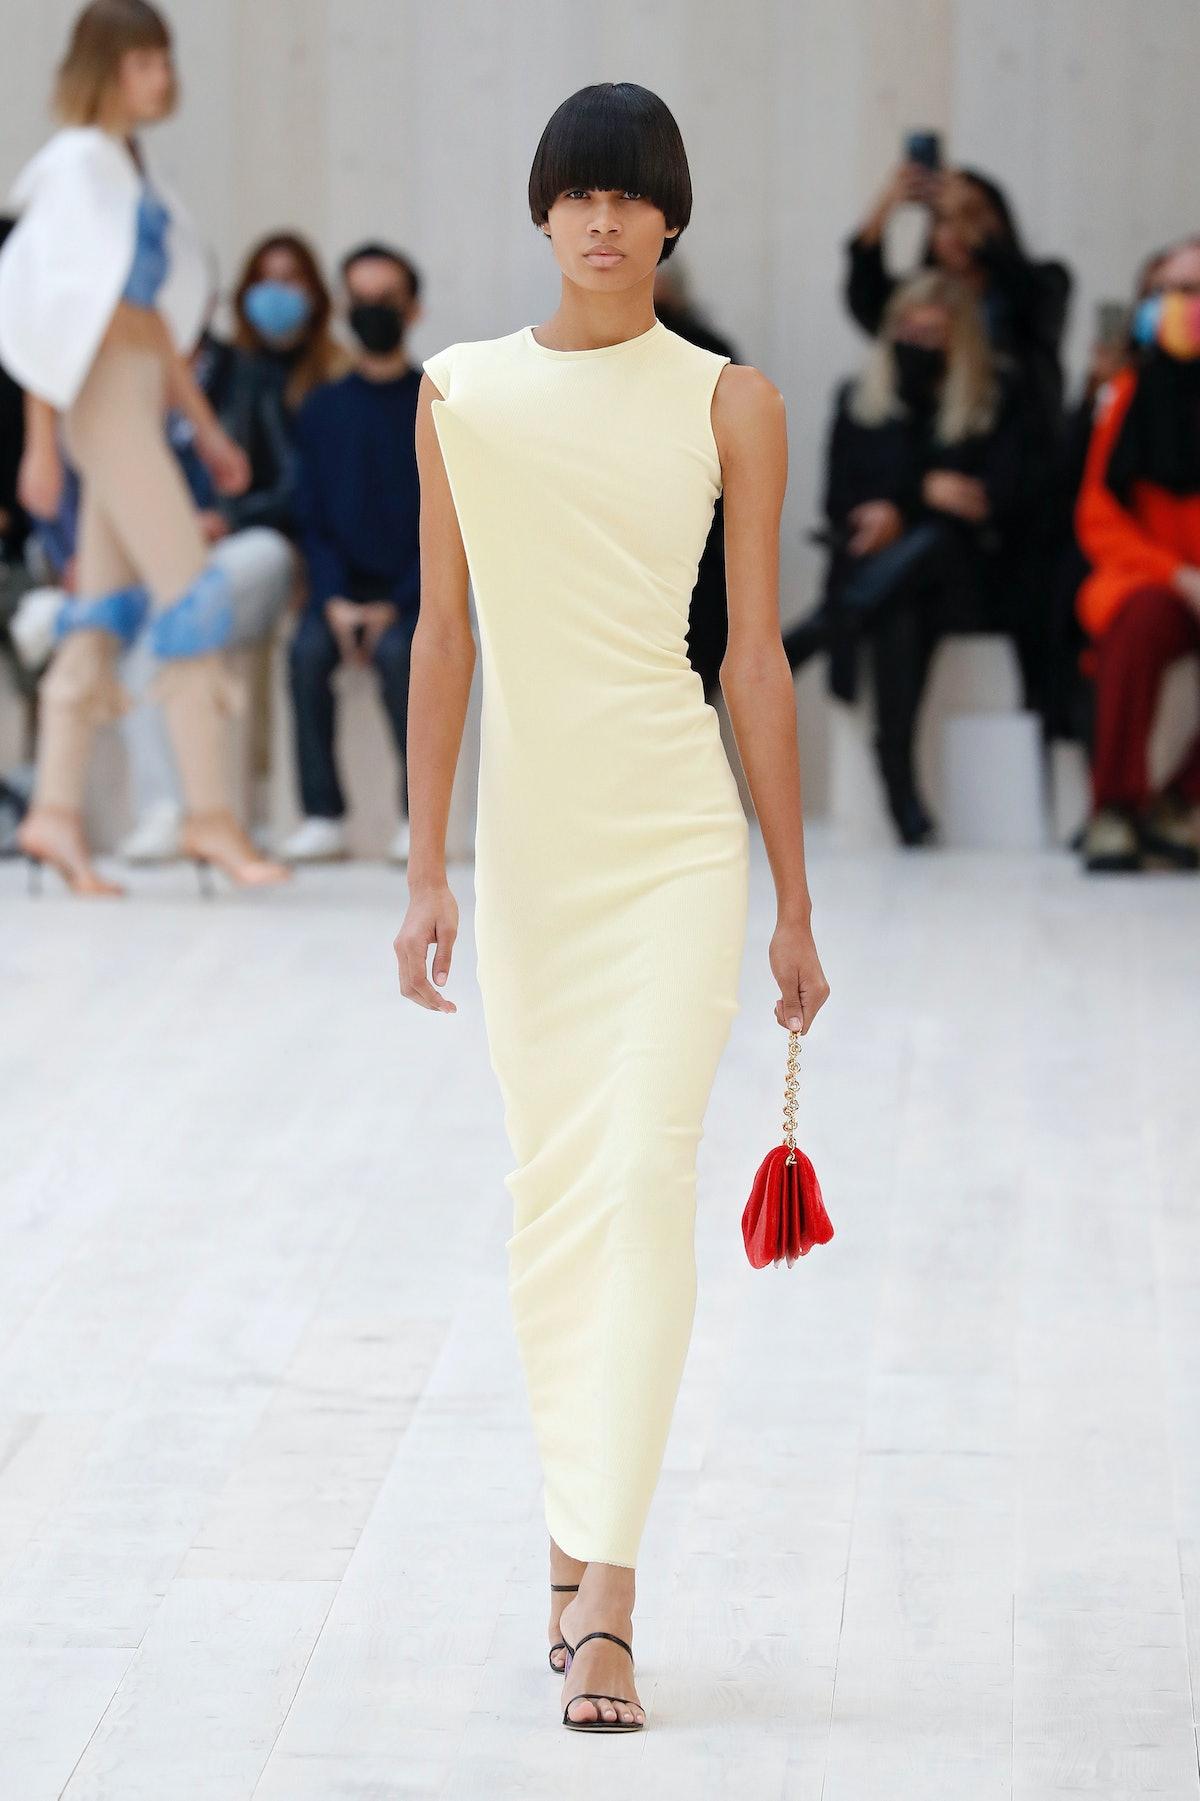 Model walks in Loewe spring 2022 Show at Paris Fashion Week.